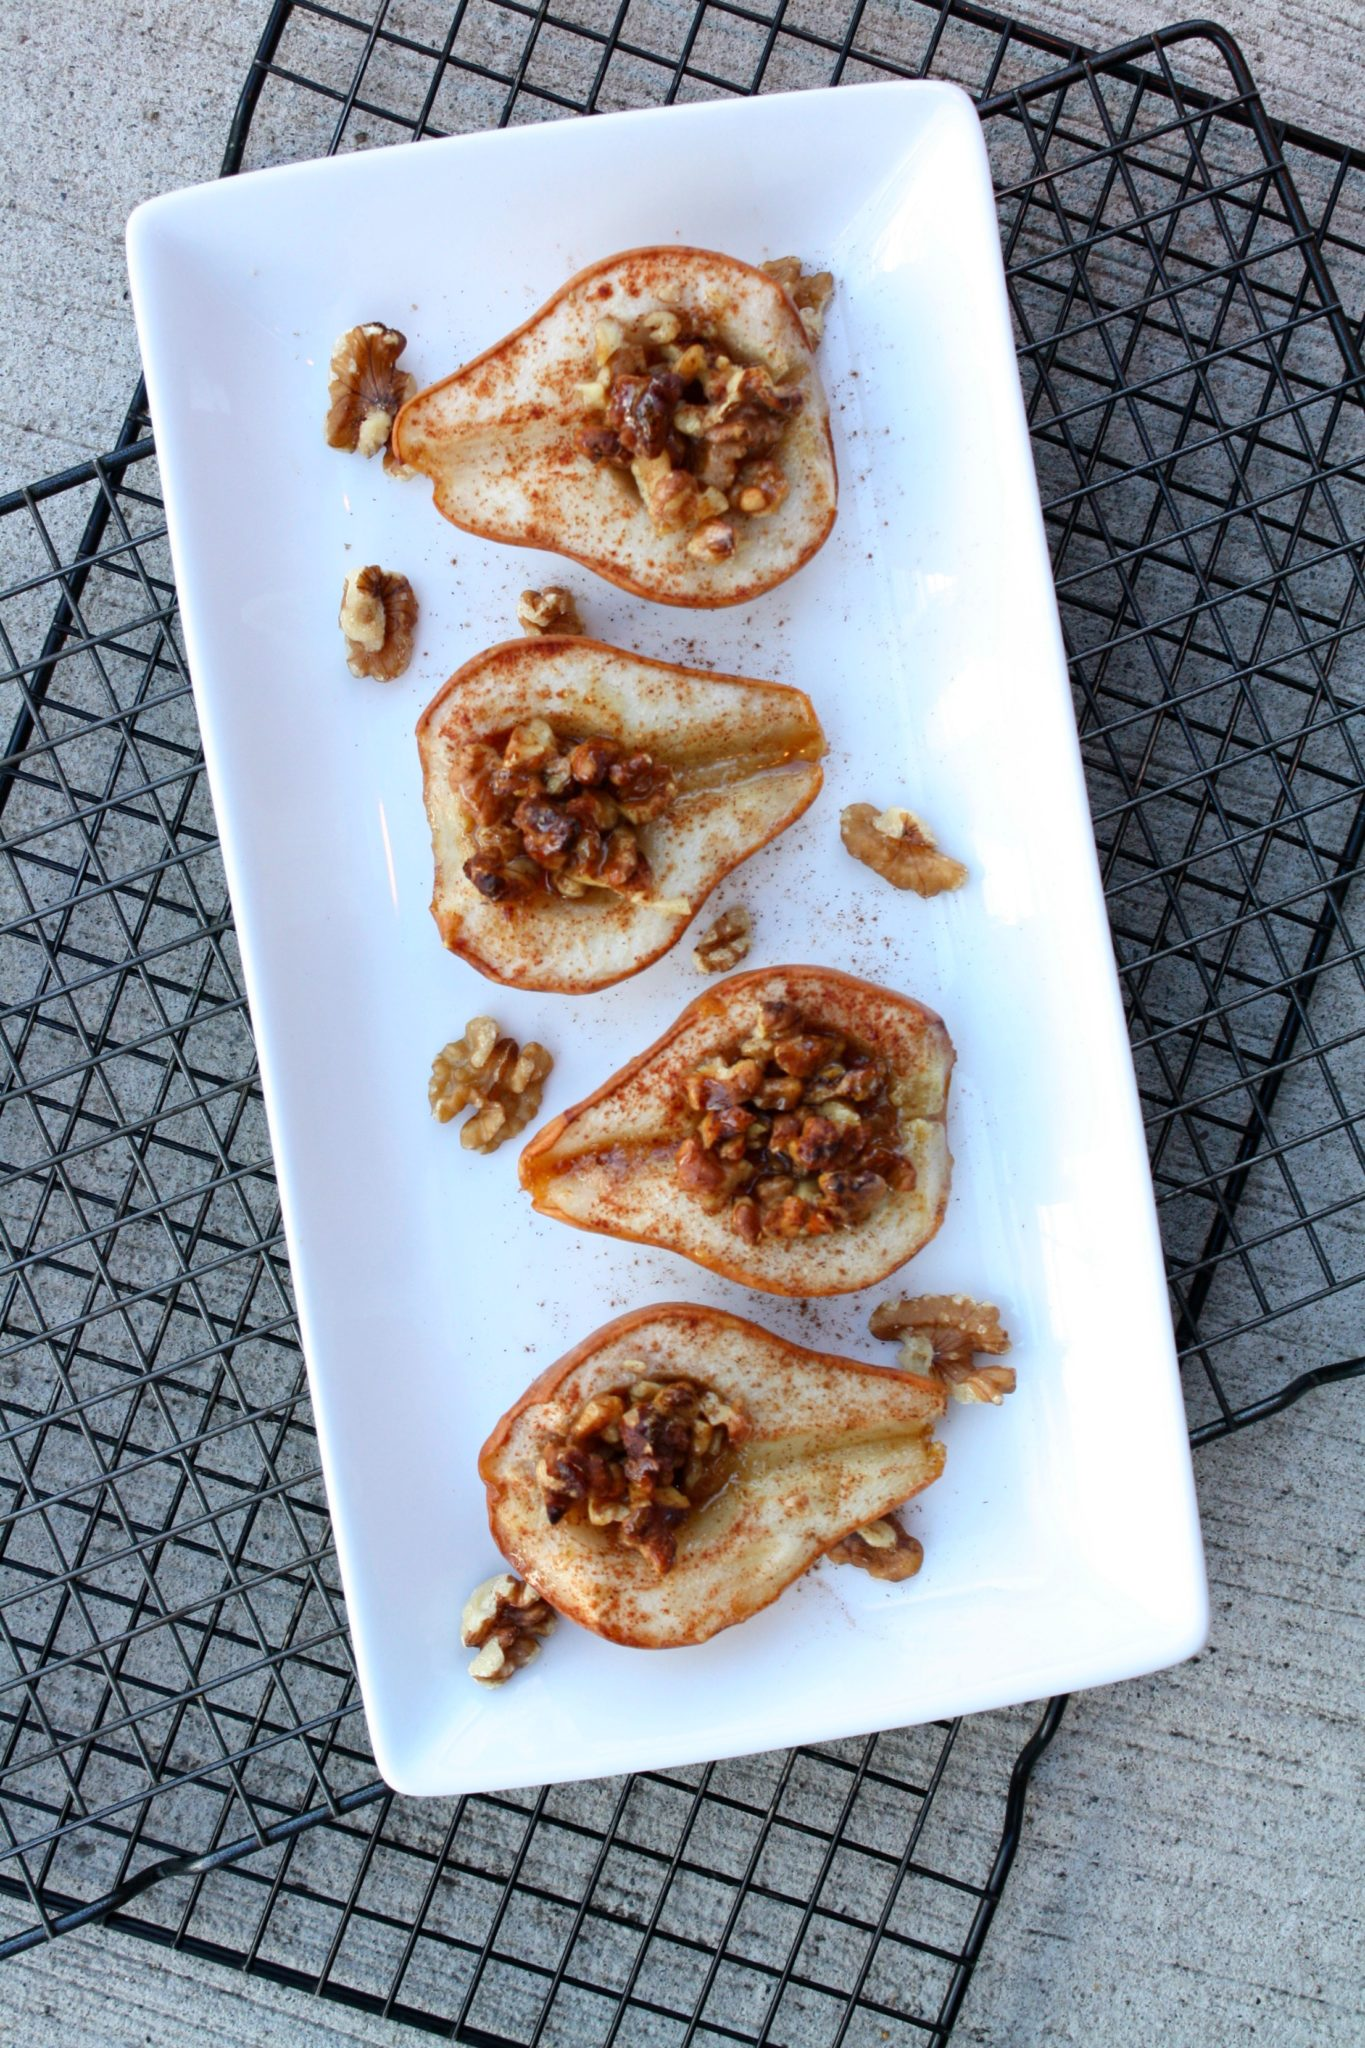 Pera assada com canela, nozes e mel! Super deliciosa e decadente, sem deixar a consciência pesada!